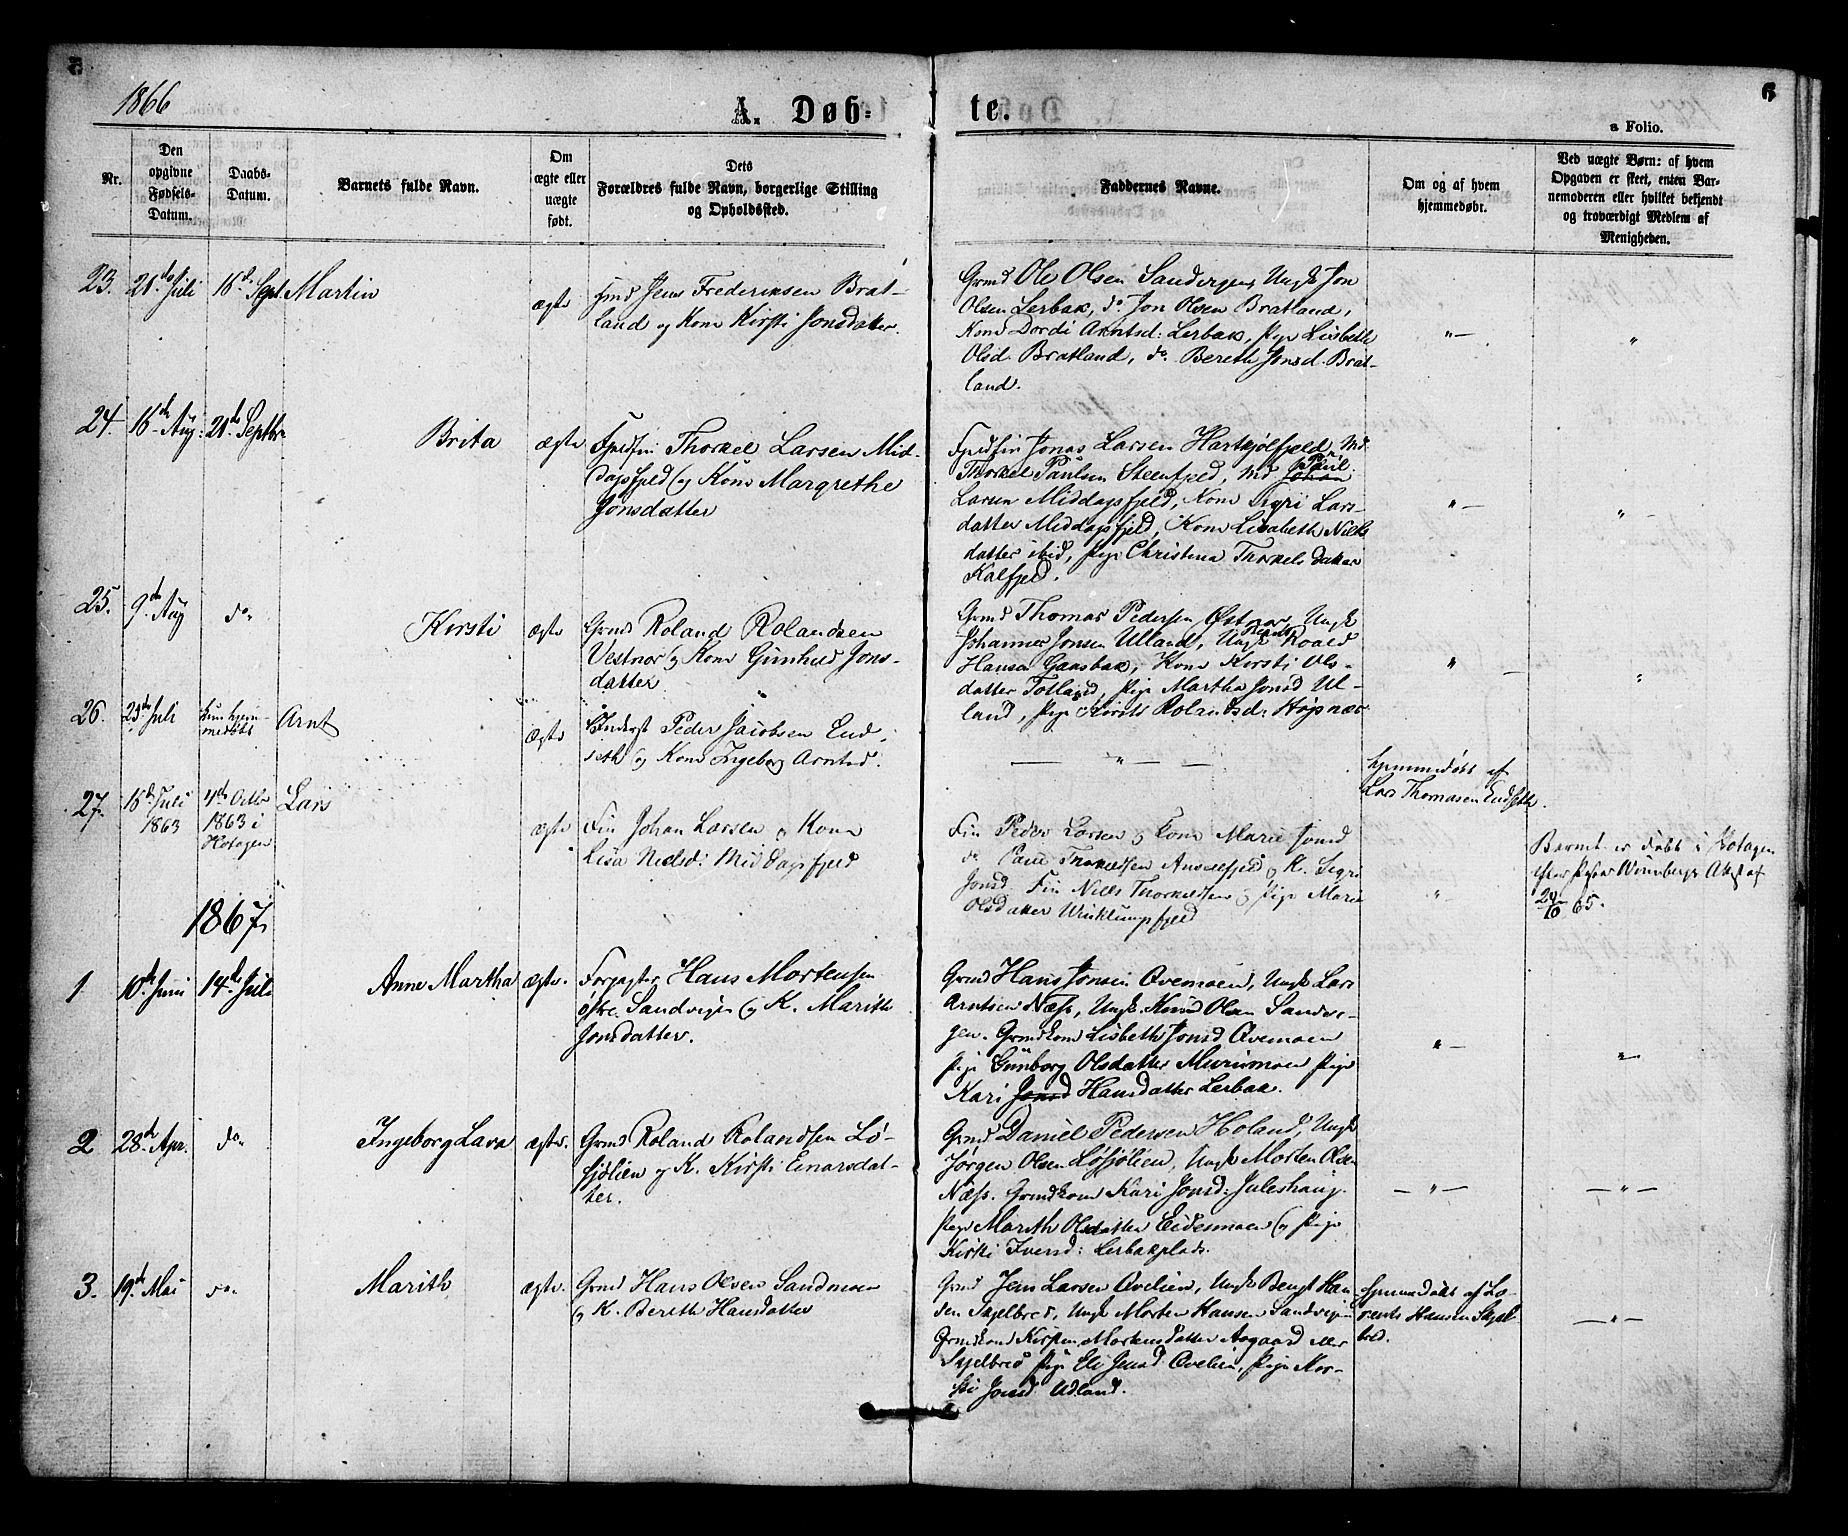 SAT, Ministerialprotokoller, klokkerbøker og fødselsregistre - Nord-Trøndelag, 755/L0493: Ministerialbok nr. 755A02, 1865-1881, s. 6